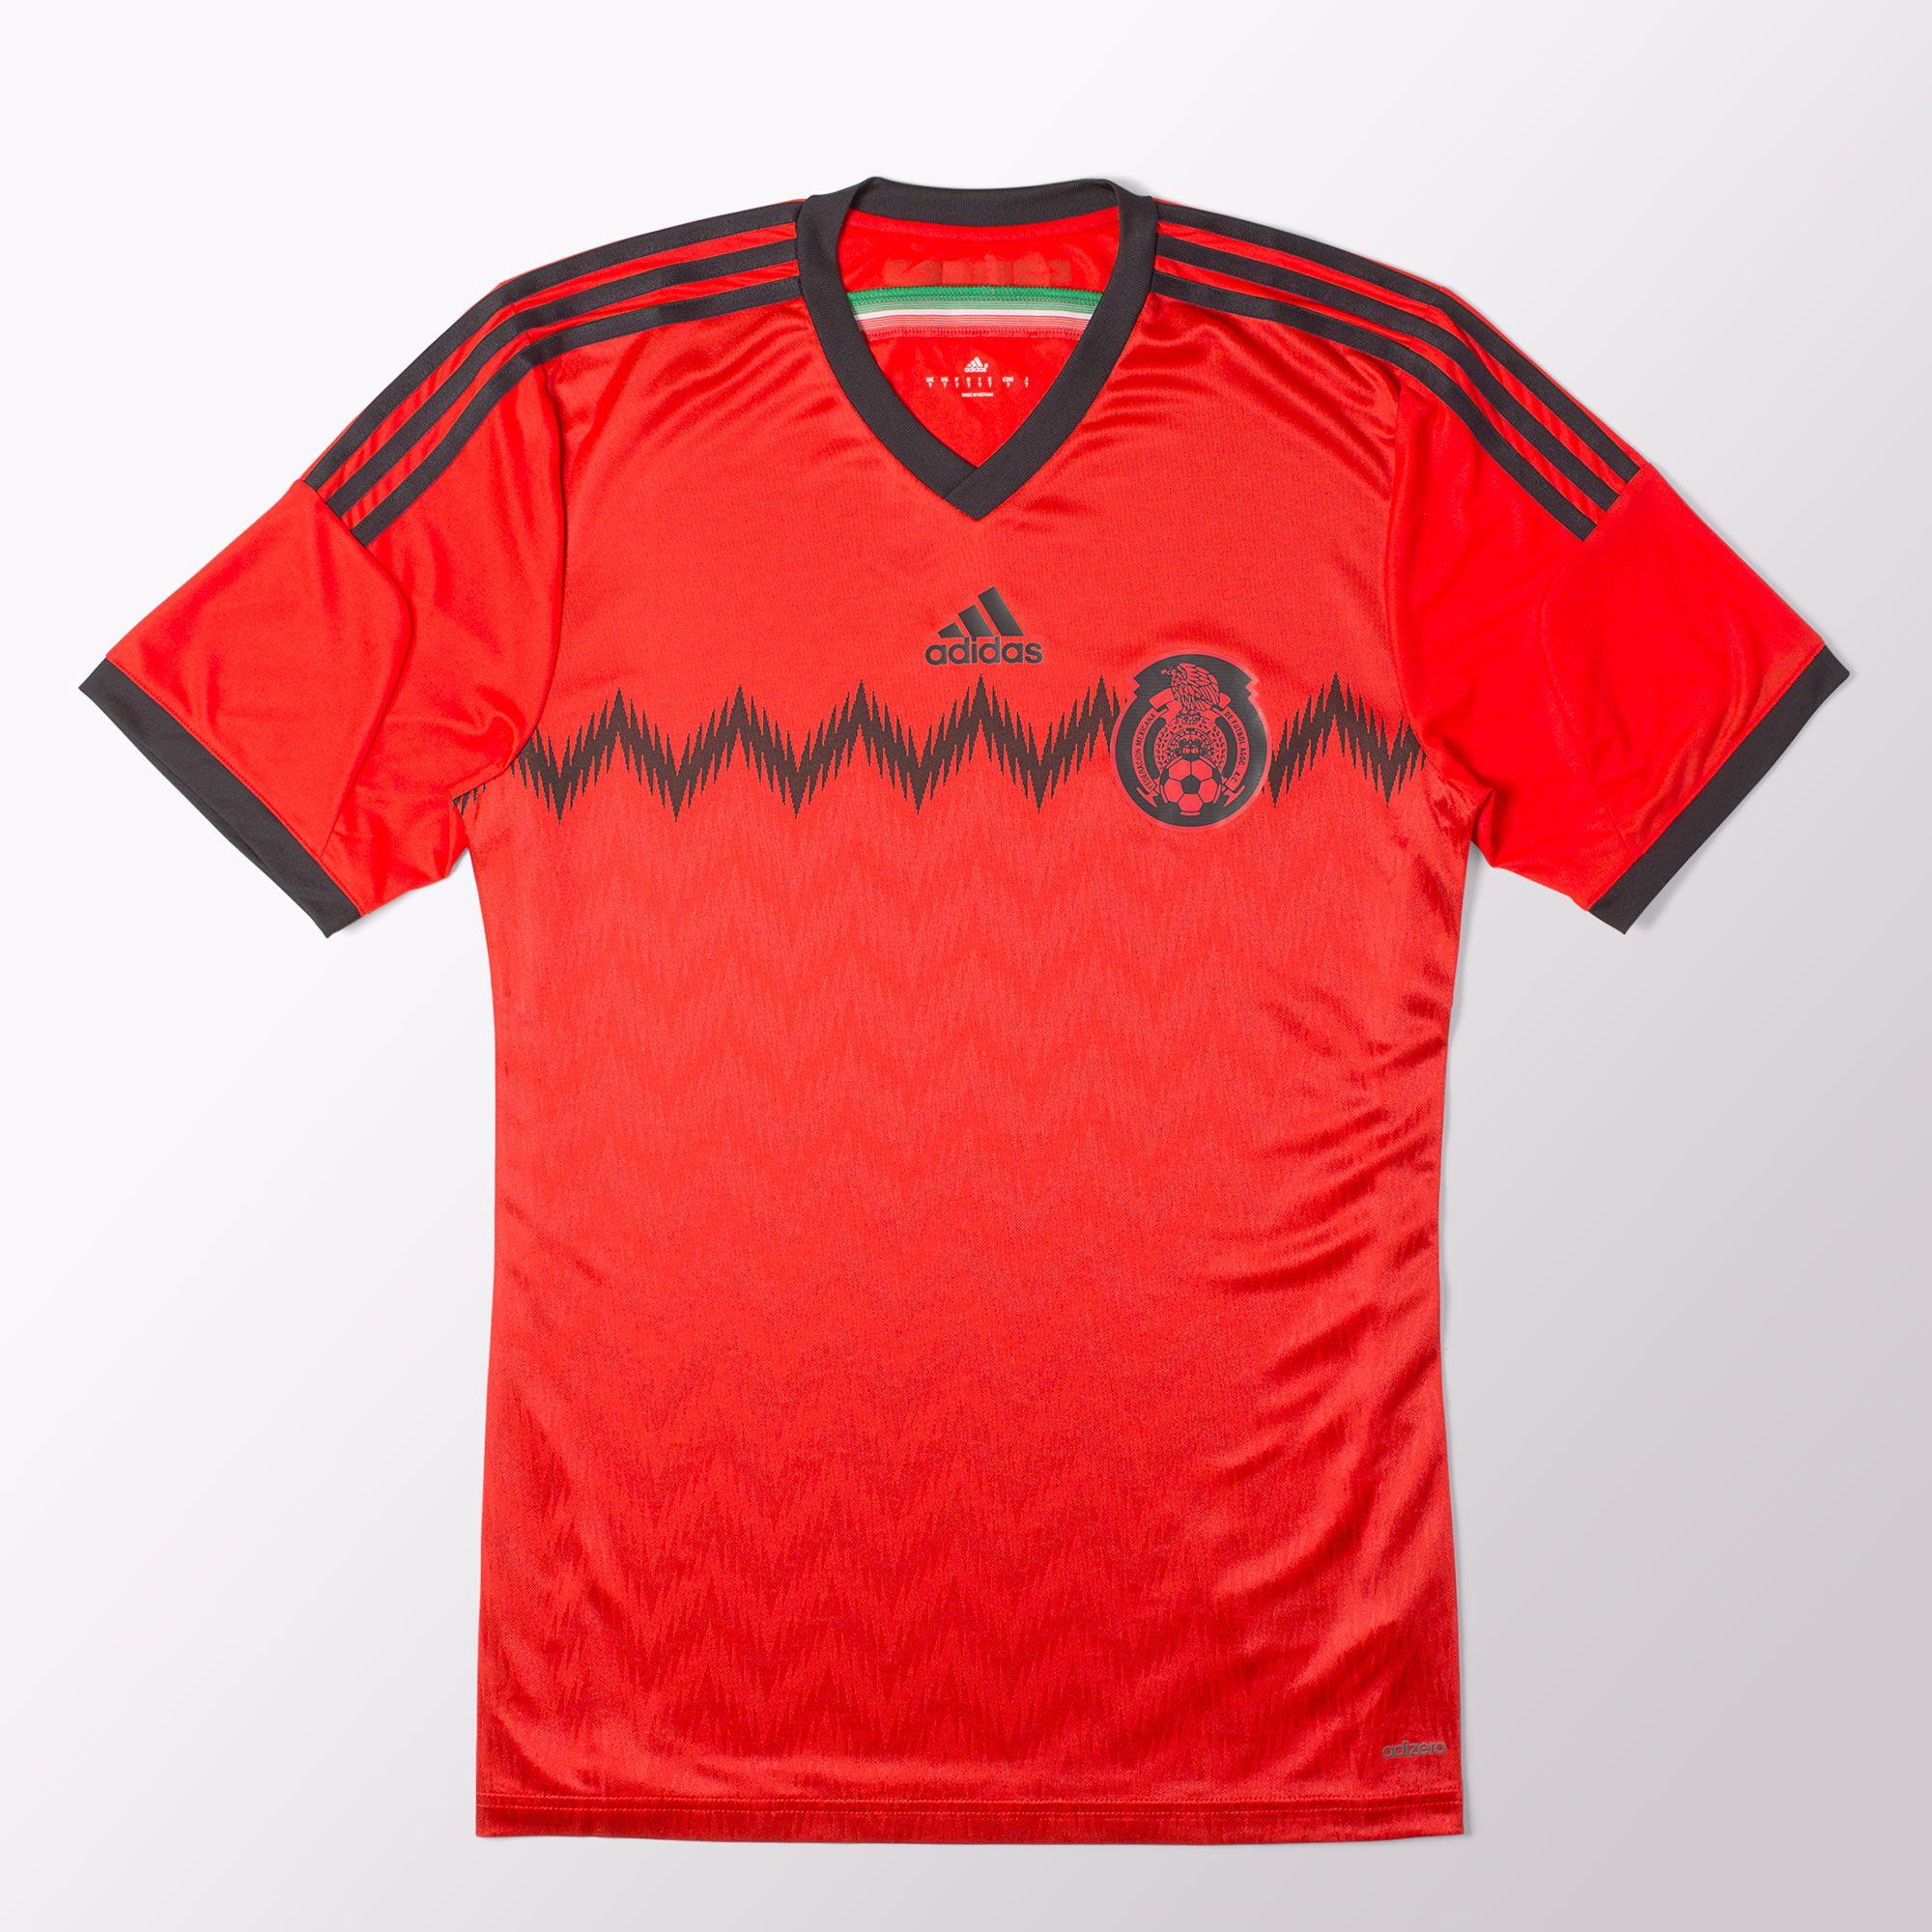 Deportes Guerra: Jersey Rojo de la seleccion mexicana 200 pesos